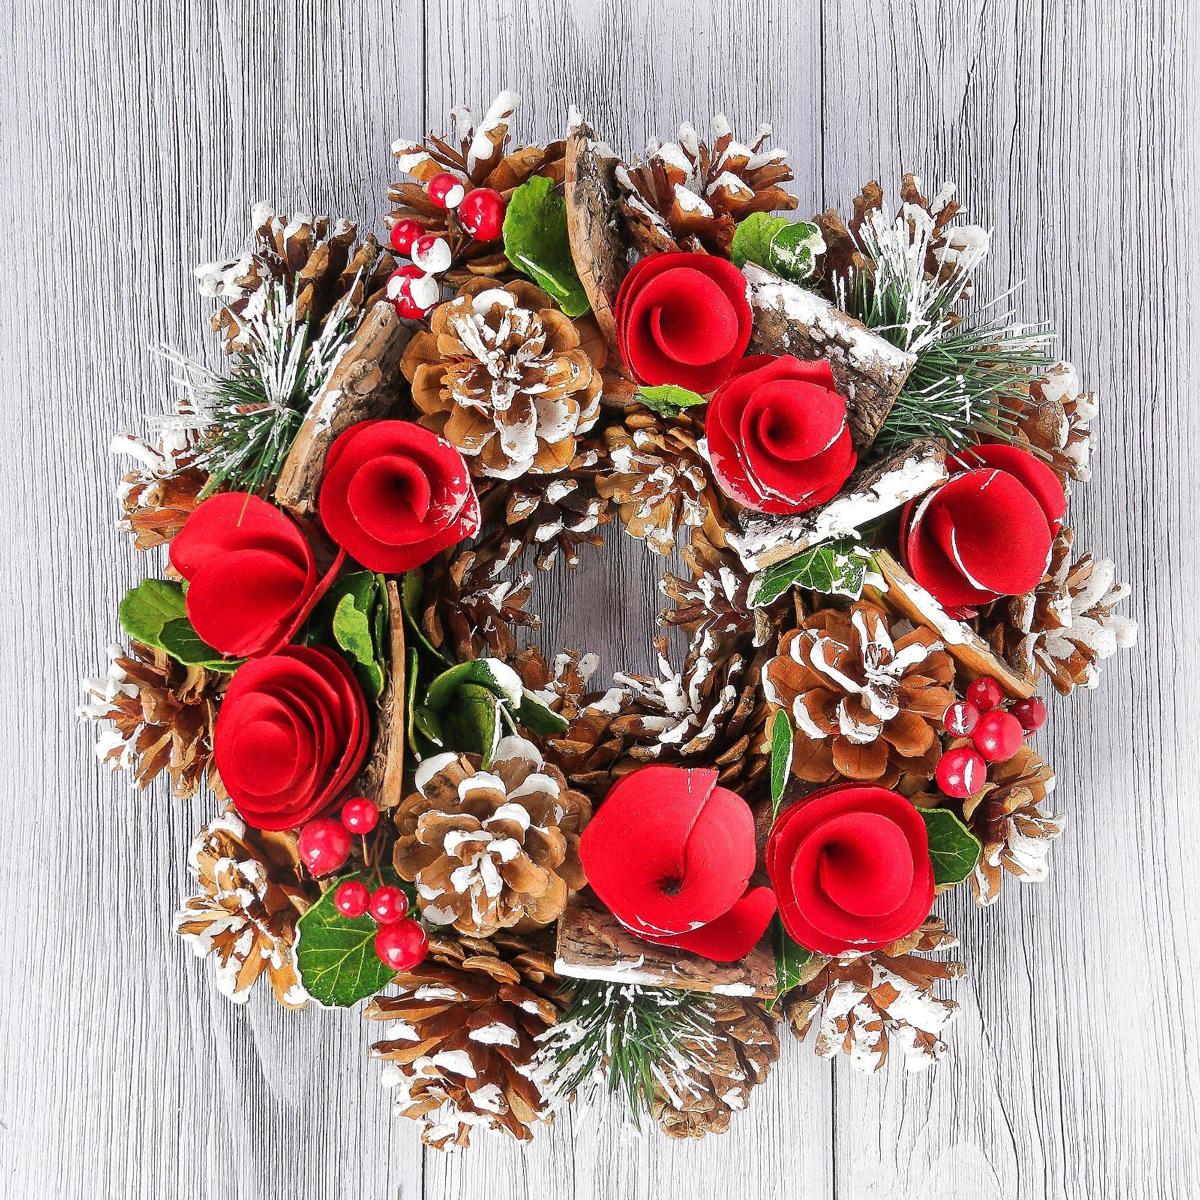 Венок новогодний Цветки-завитки и шишки, диаметр 24 см2377981Невозможно представить нашу жизнь без праздников! Мы всегда ждем их и предвкушаем, обдумываем, как проведем памятный день, тщательно выбираем подарки и аксессуары, ведь именно они создают и поддерживают торжественный настрой. Это отличный выбор, который привнесет атмосферу праздника в ваш дом!Диаметр венка: 24 см.